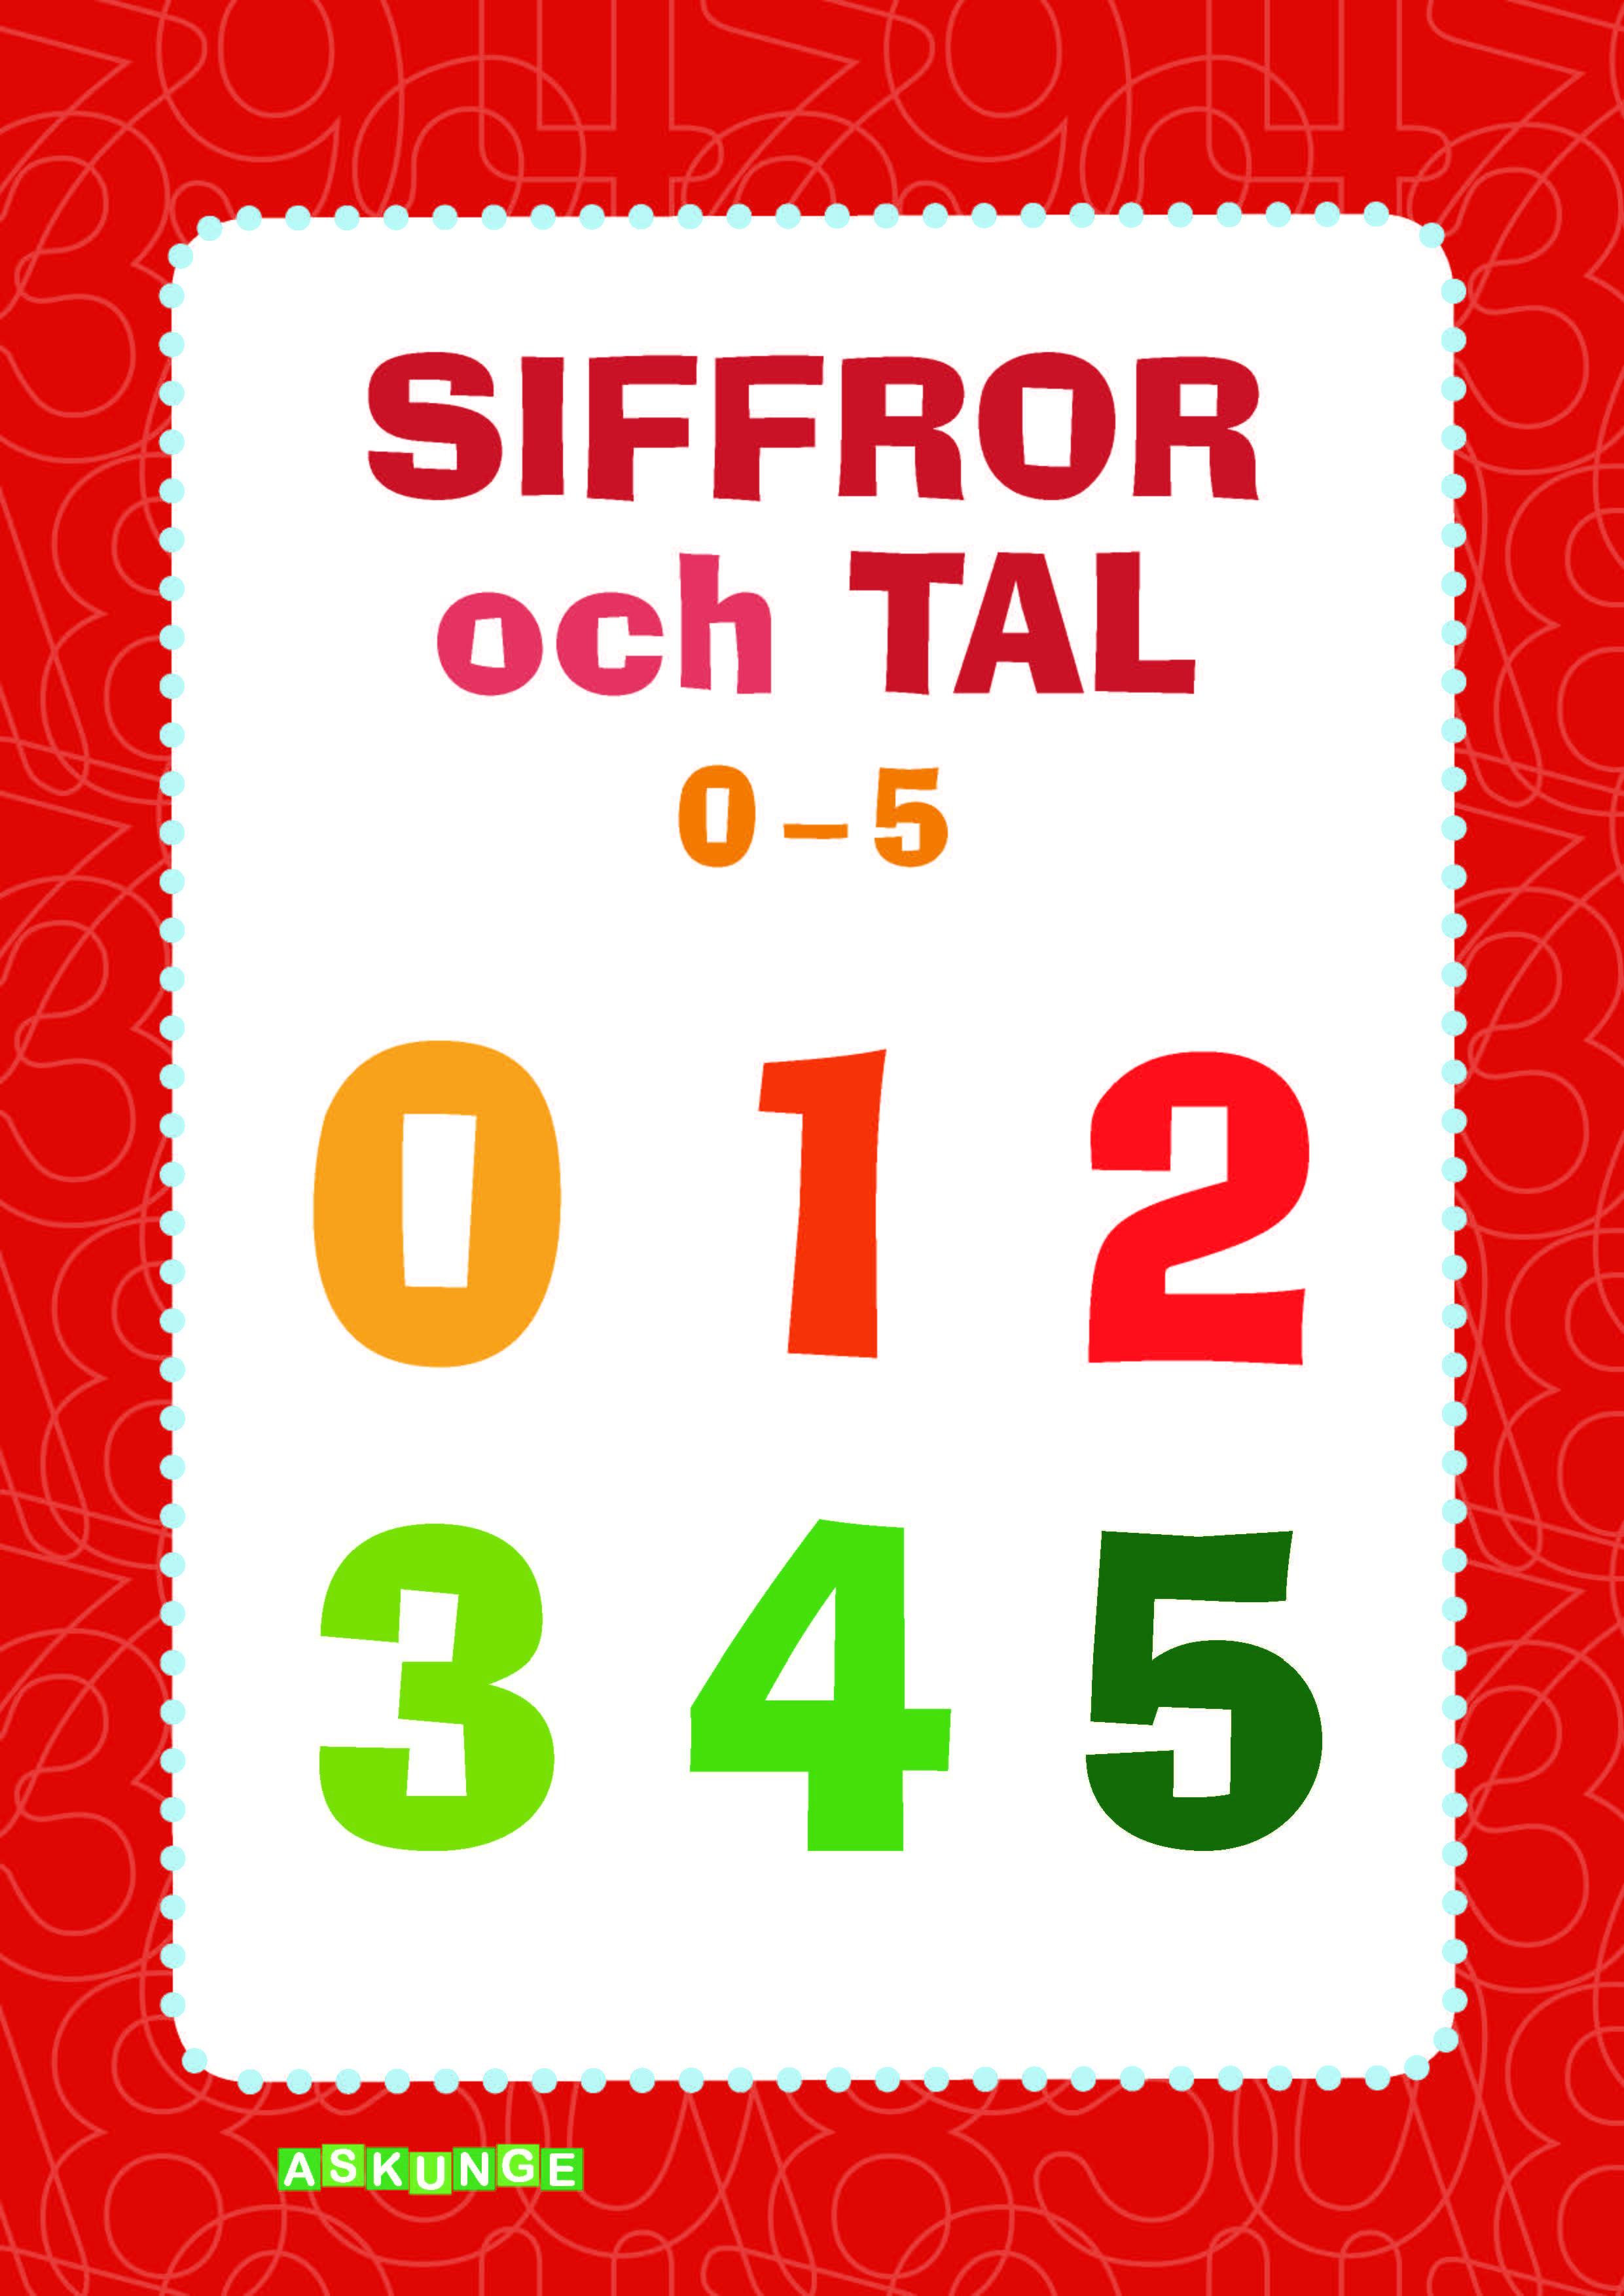 Siffror och tal 0-5